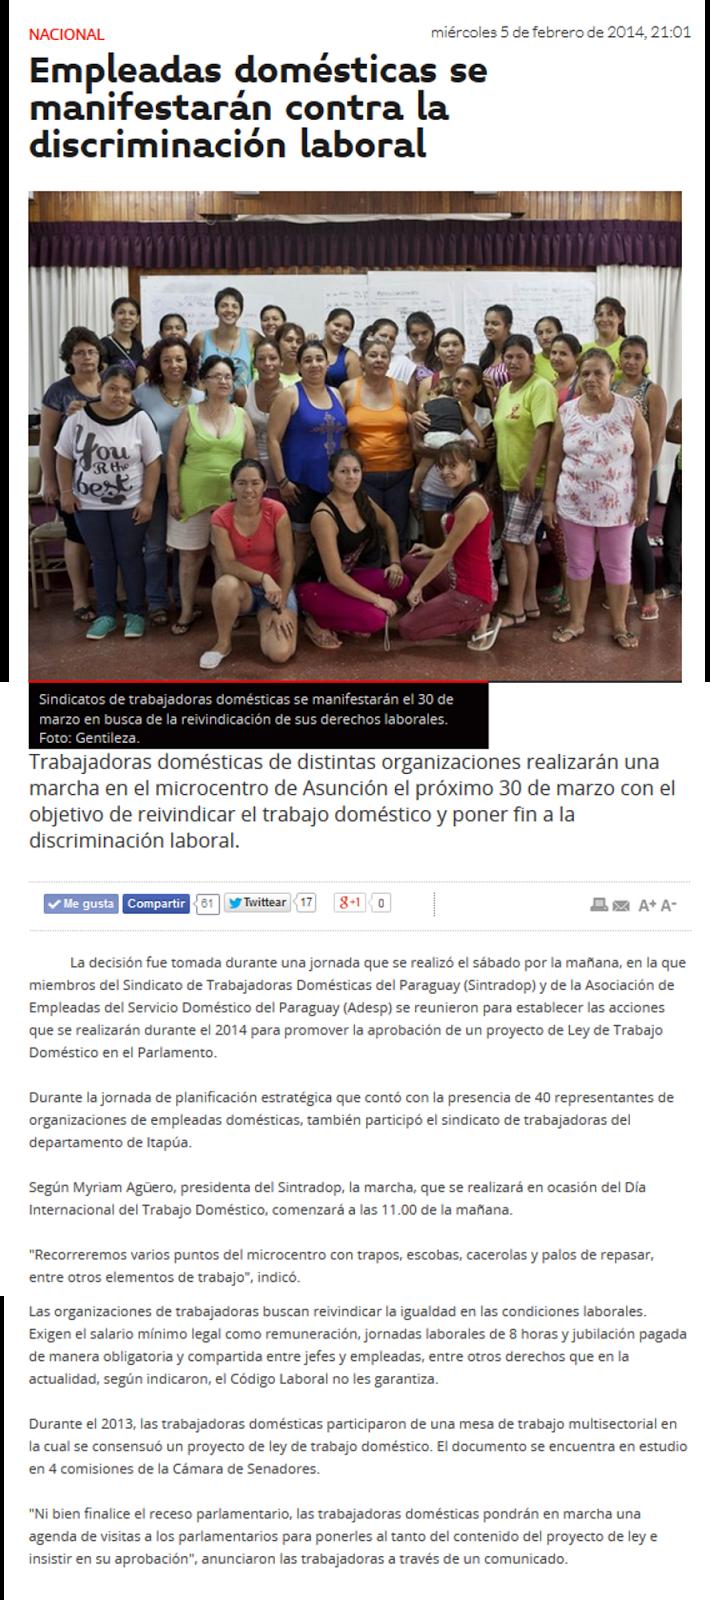 http://www.ultimahora.com/empleadas-domesticas-se-manifestaran-contra-la-discriminacion-laboral-n765086.html